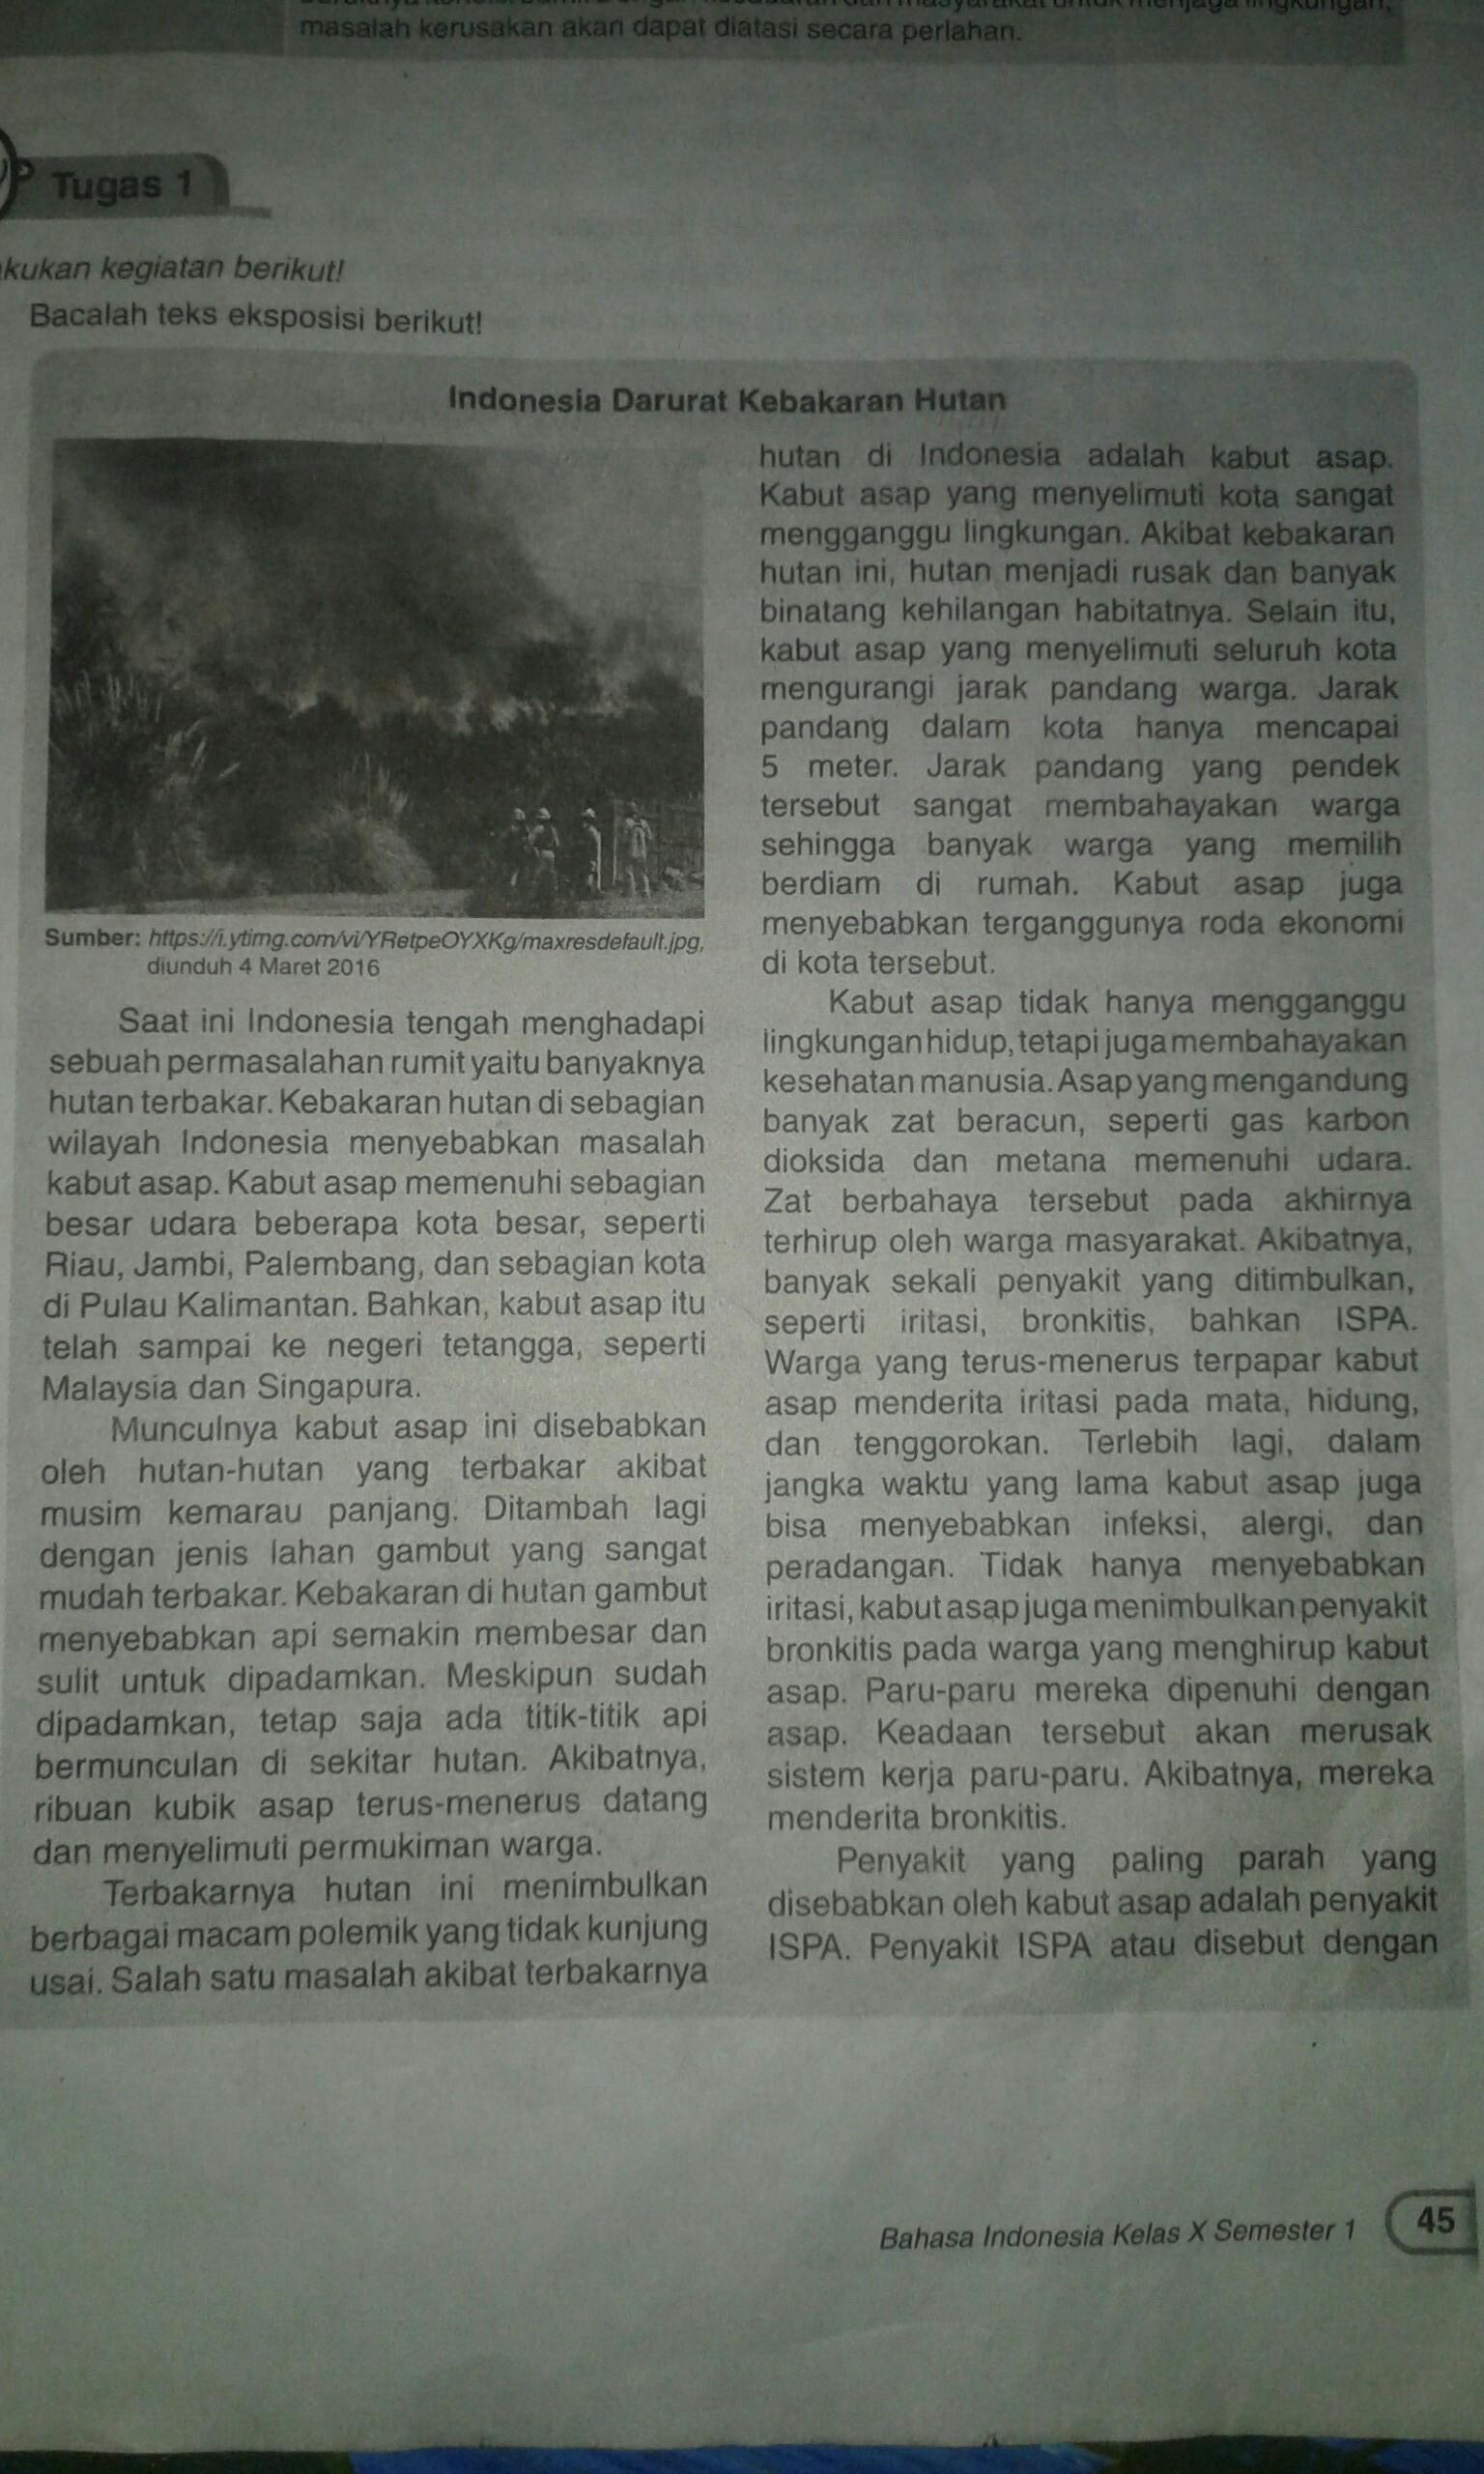 Tolong Buatkan Ringkasan Tentang Indonesia Darurat Kebakaran Hutan